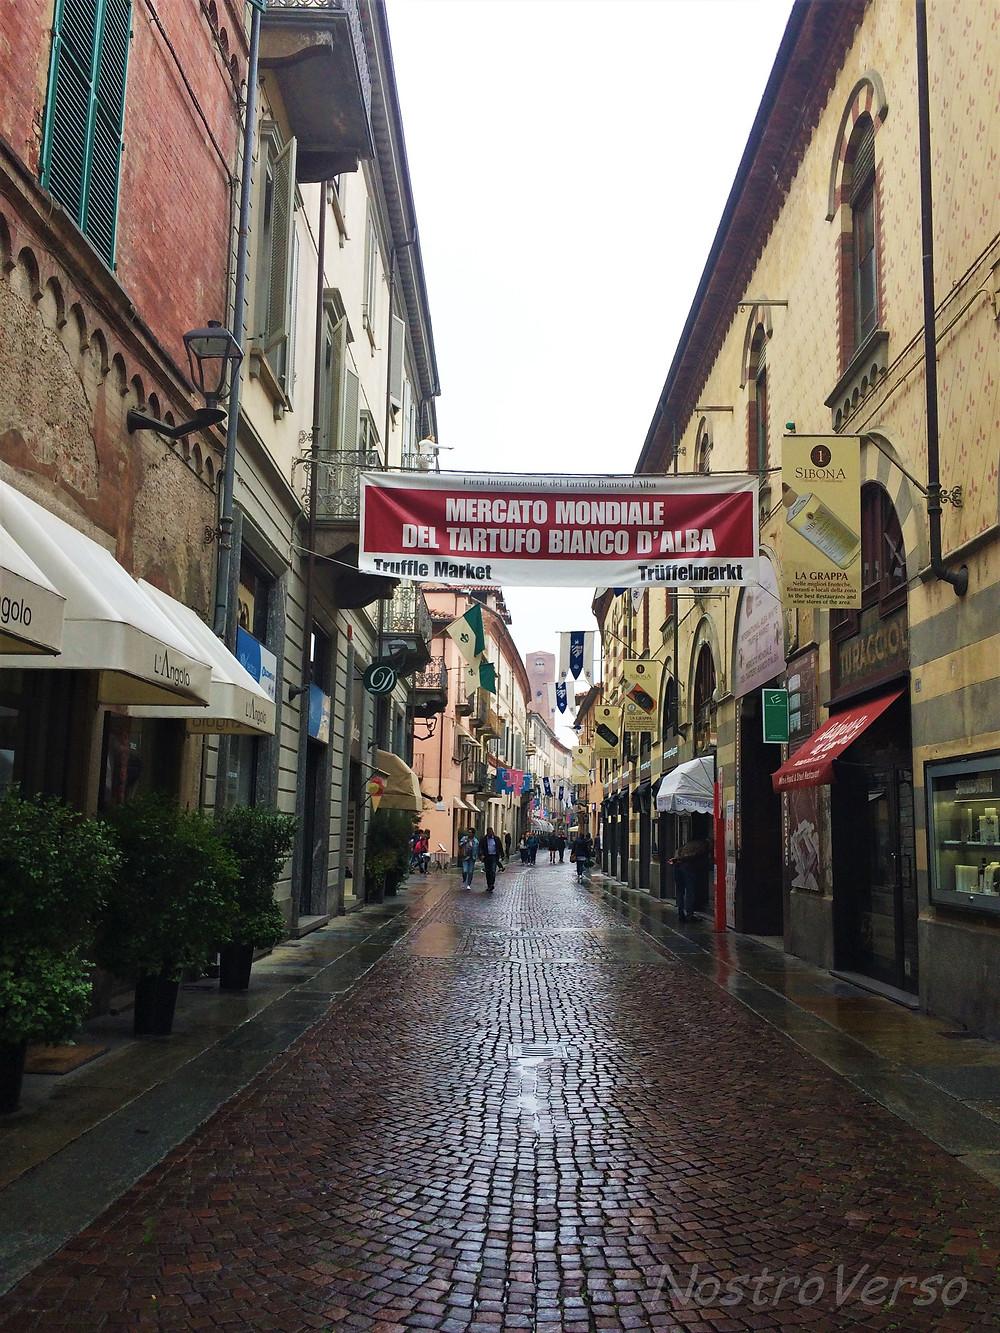 Feira de trufas em Alba - Piemonte